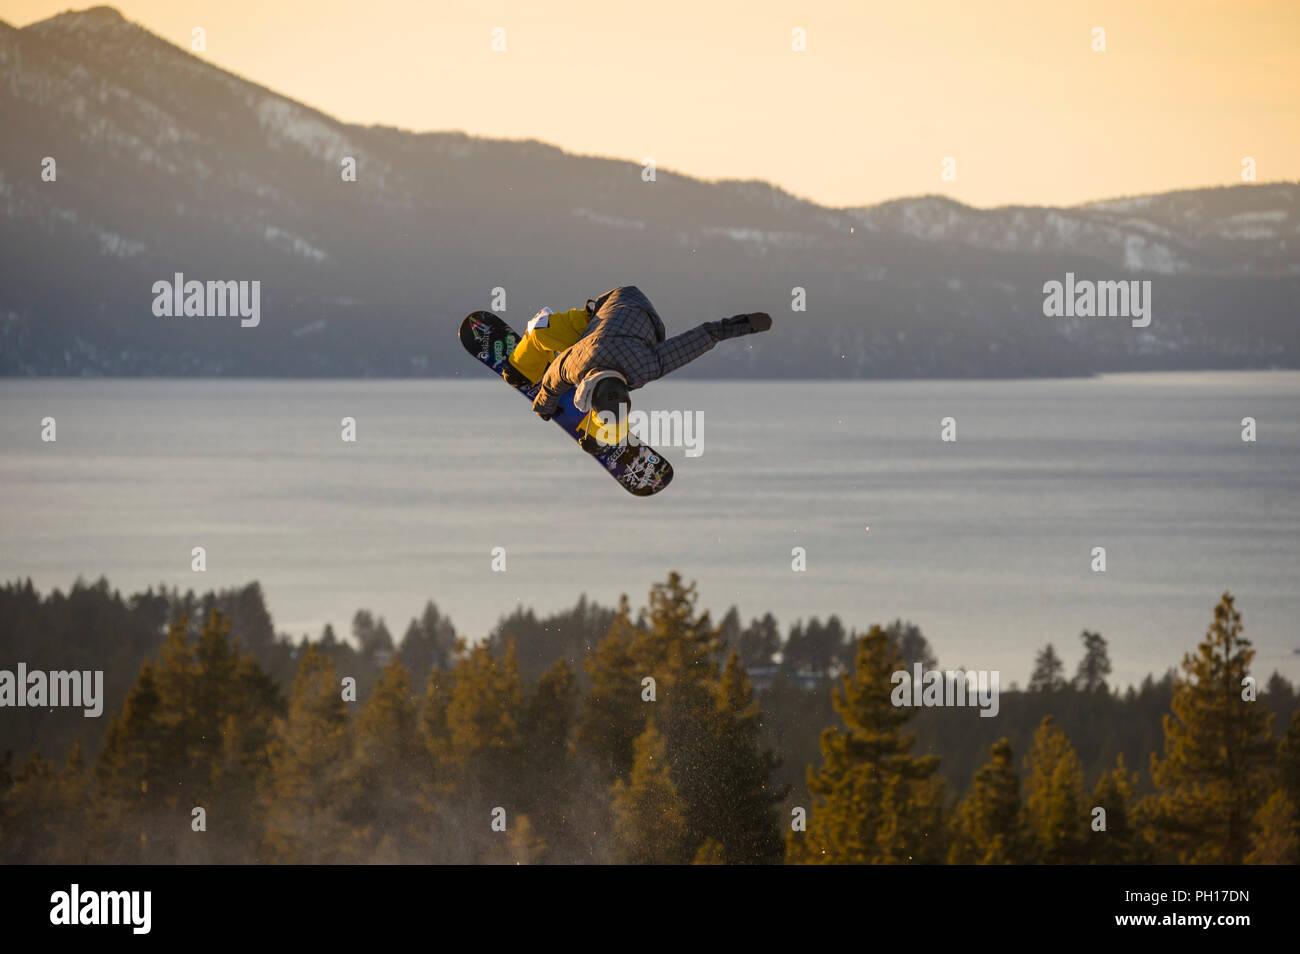 Big Air Snowboard Wettbewerb auf Heavenly Valley Ski Resort in South Lake Tahoe, Kalifornien, Nordamerika Stockbild